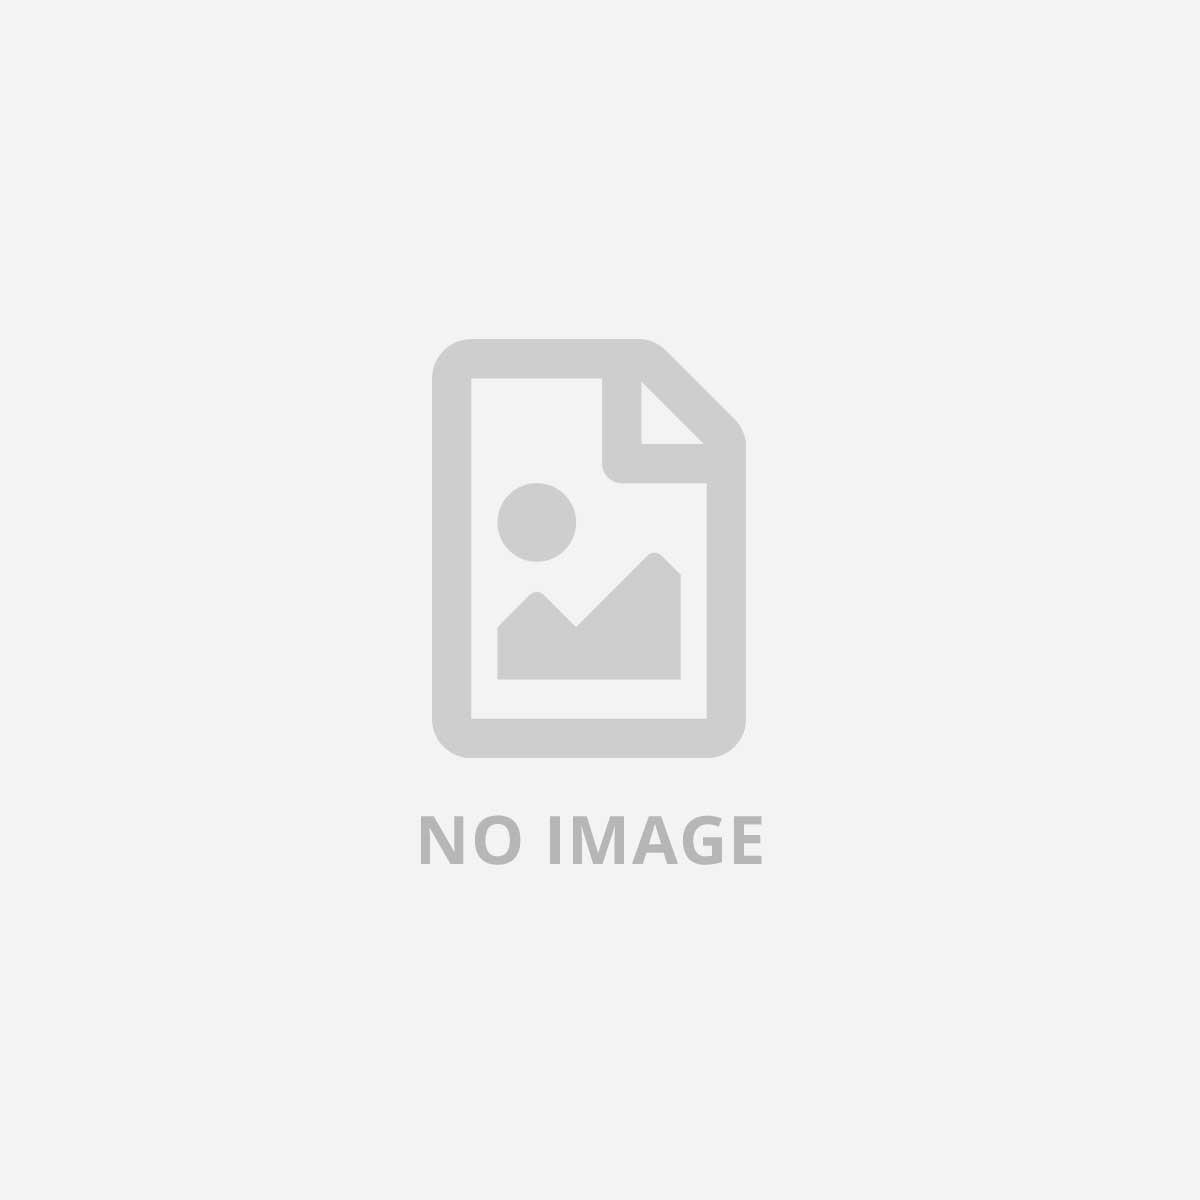 FUJIFILM PELLICOLA INSTAX SQUARE BLACK FRAME